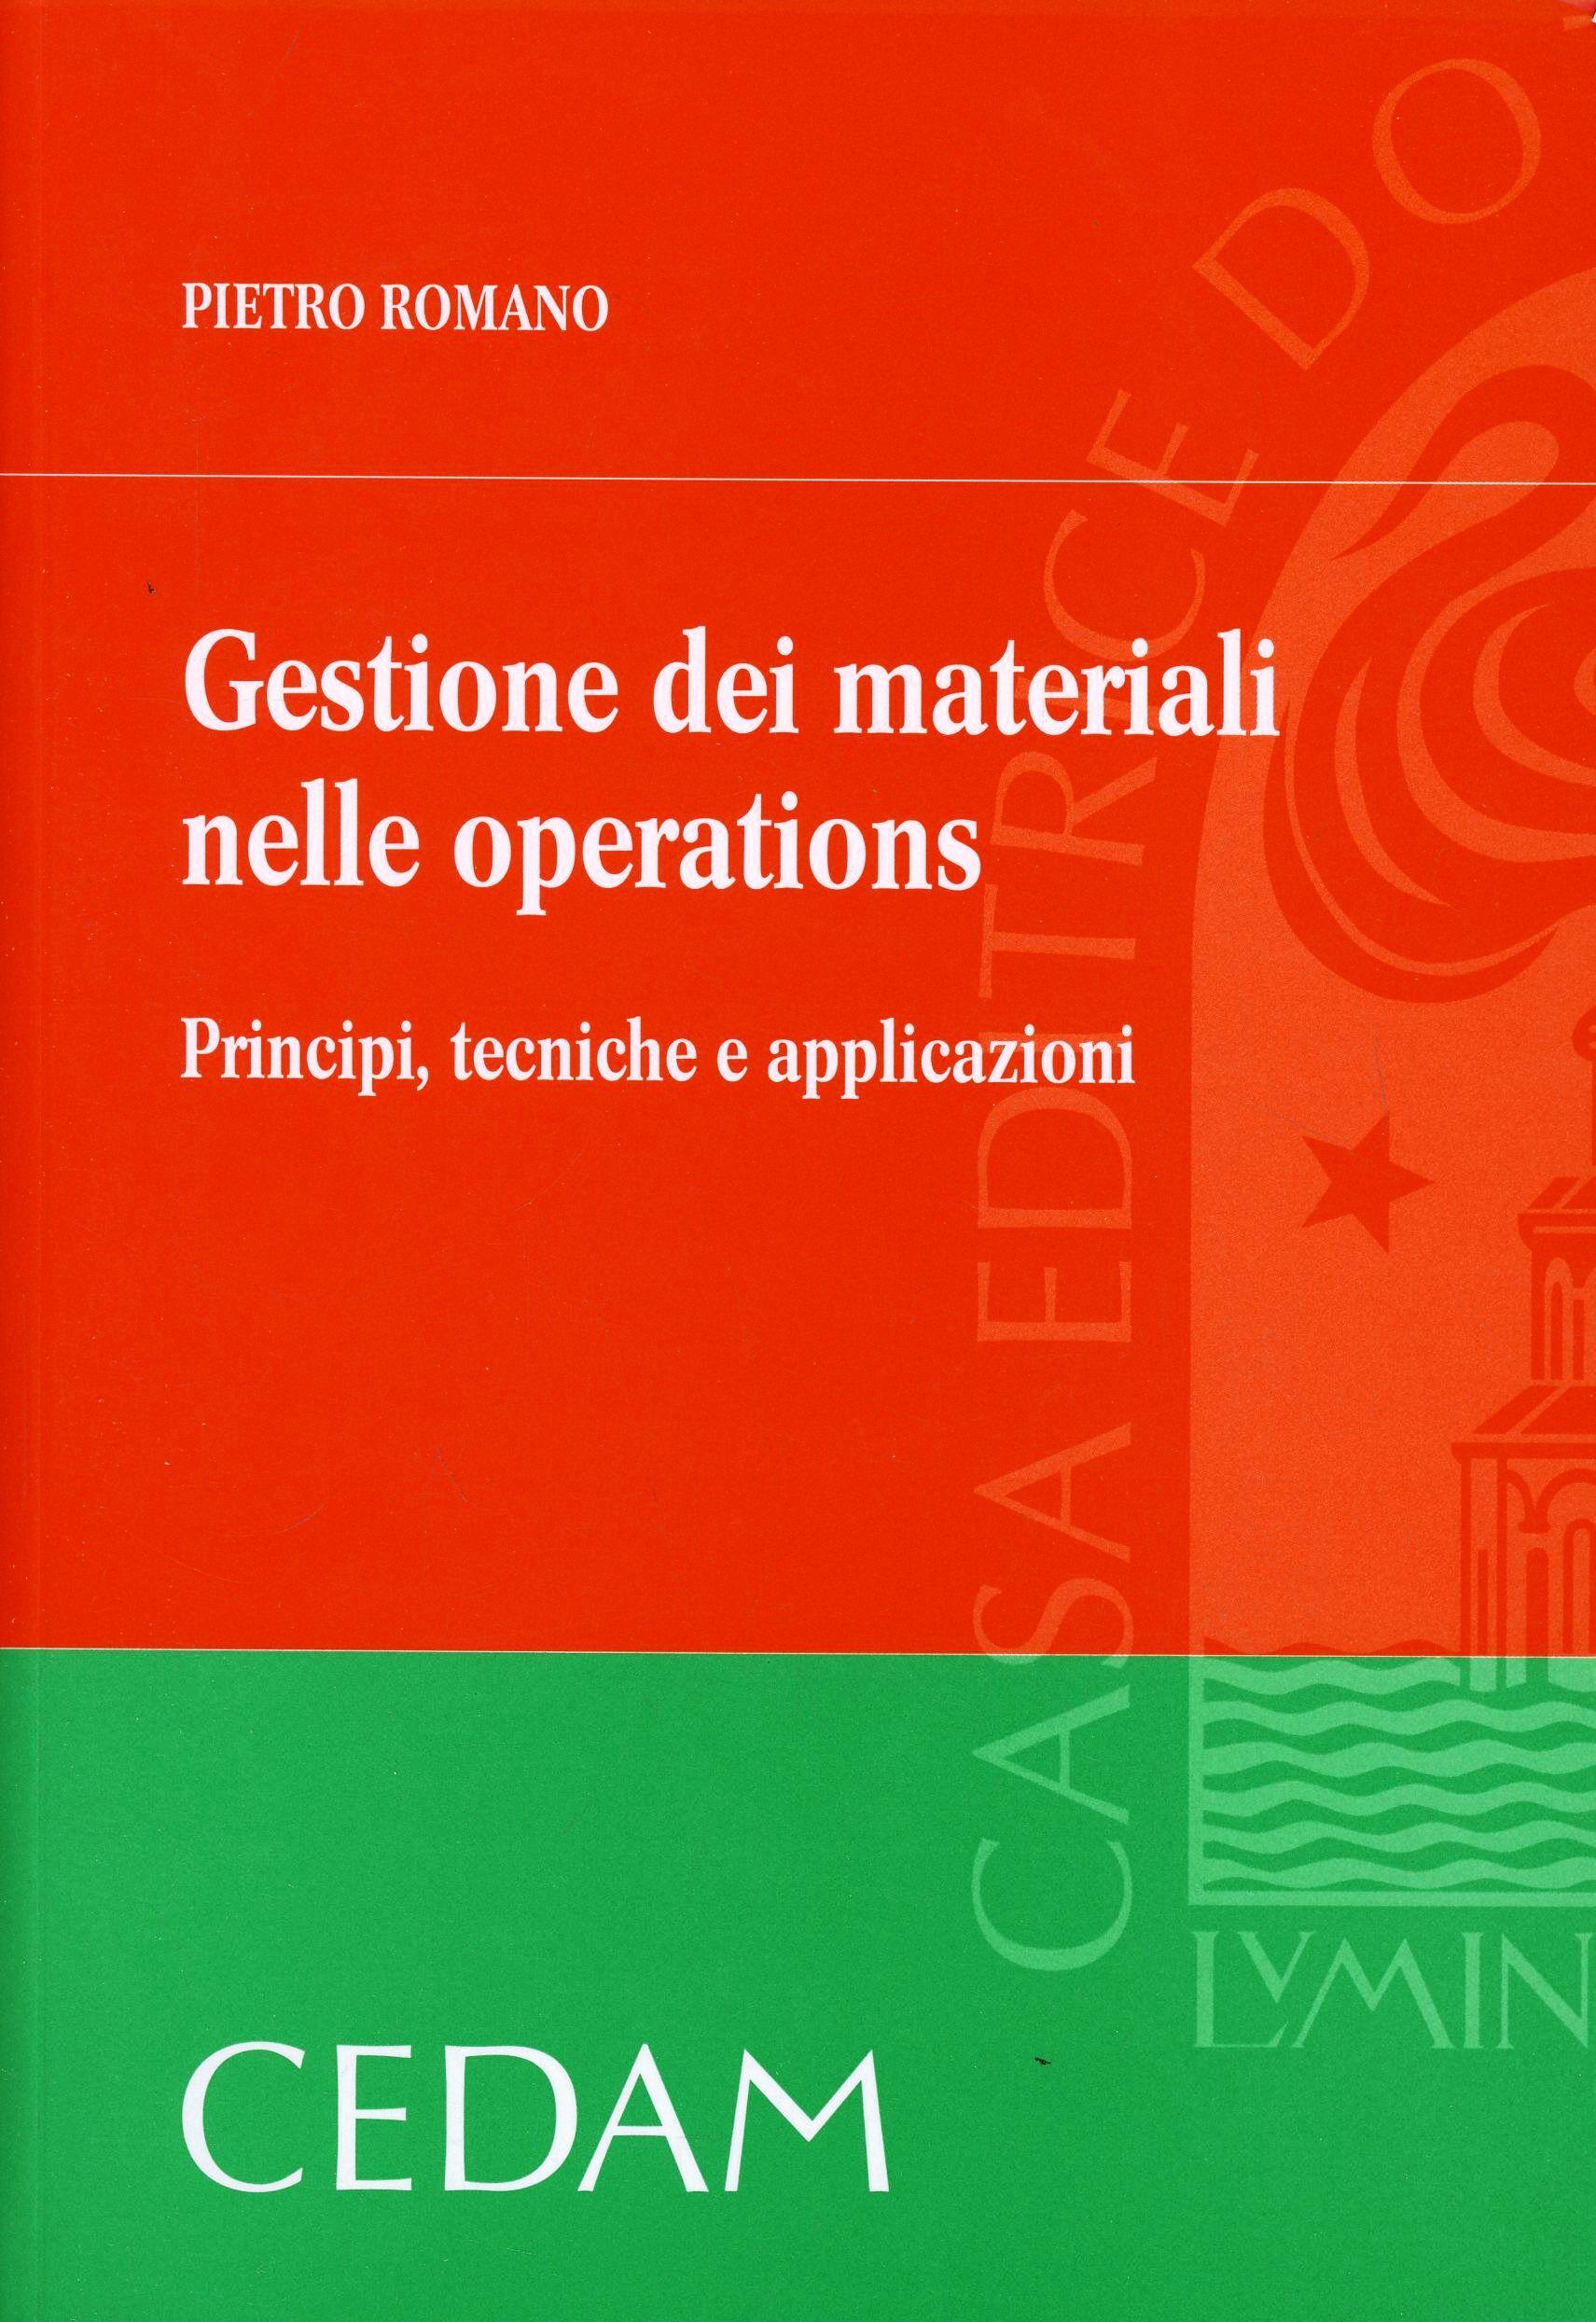 Gestione dei materiali nelle operations. Principi, tecniche e applicazioni